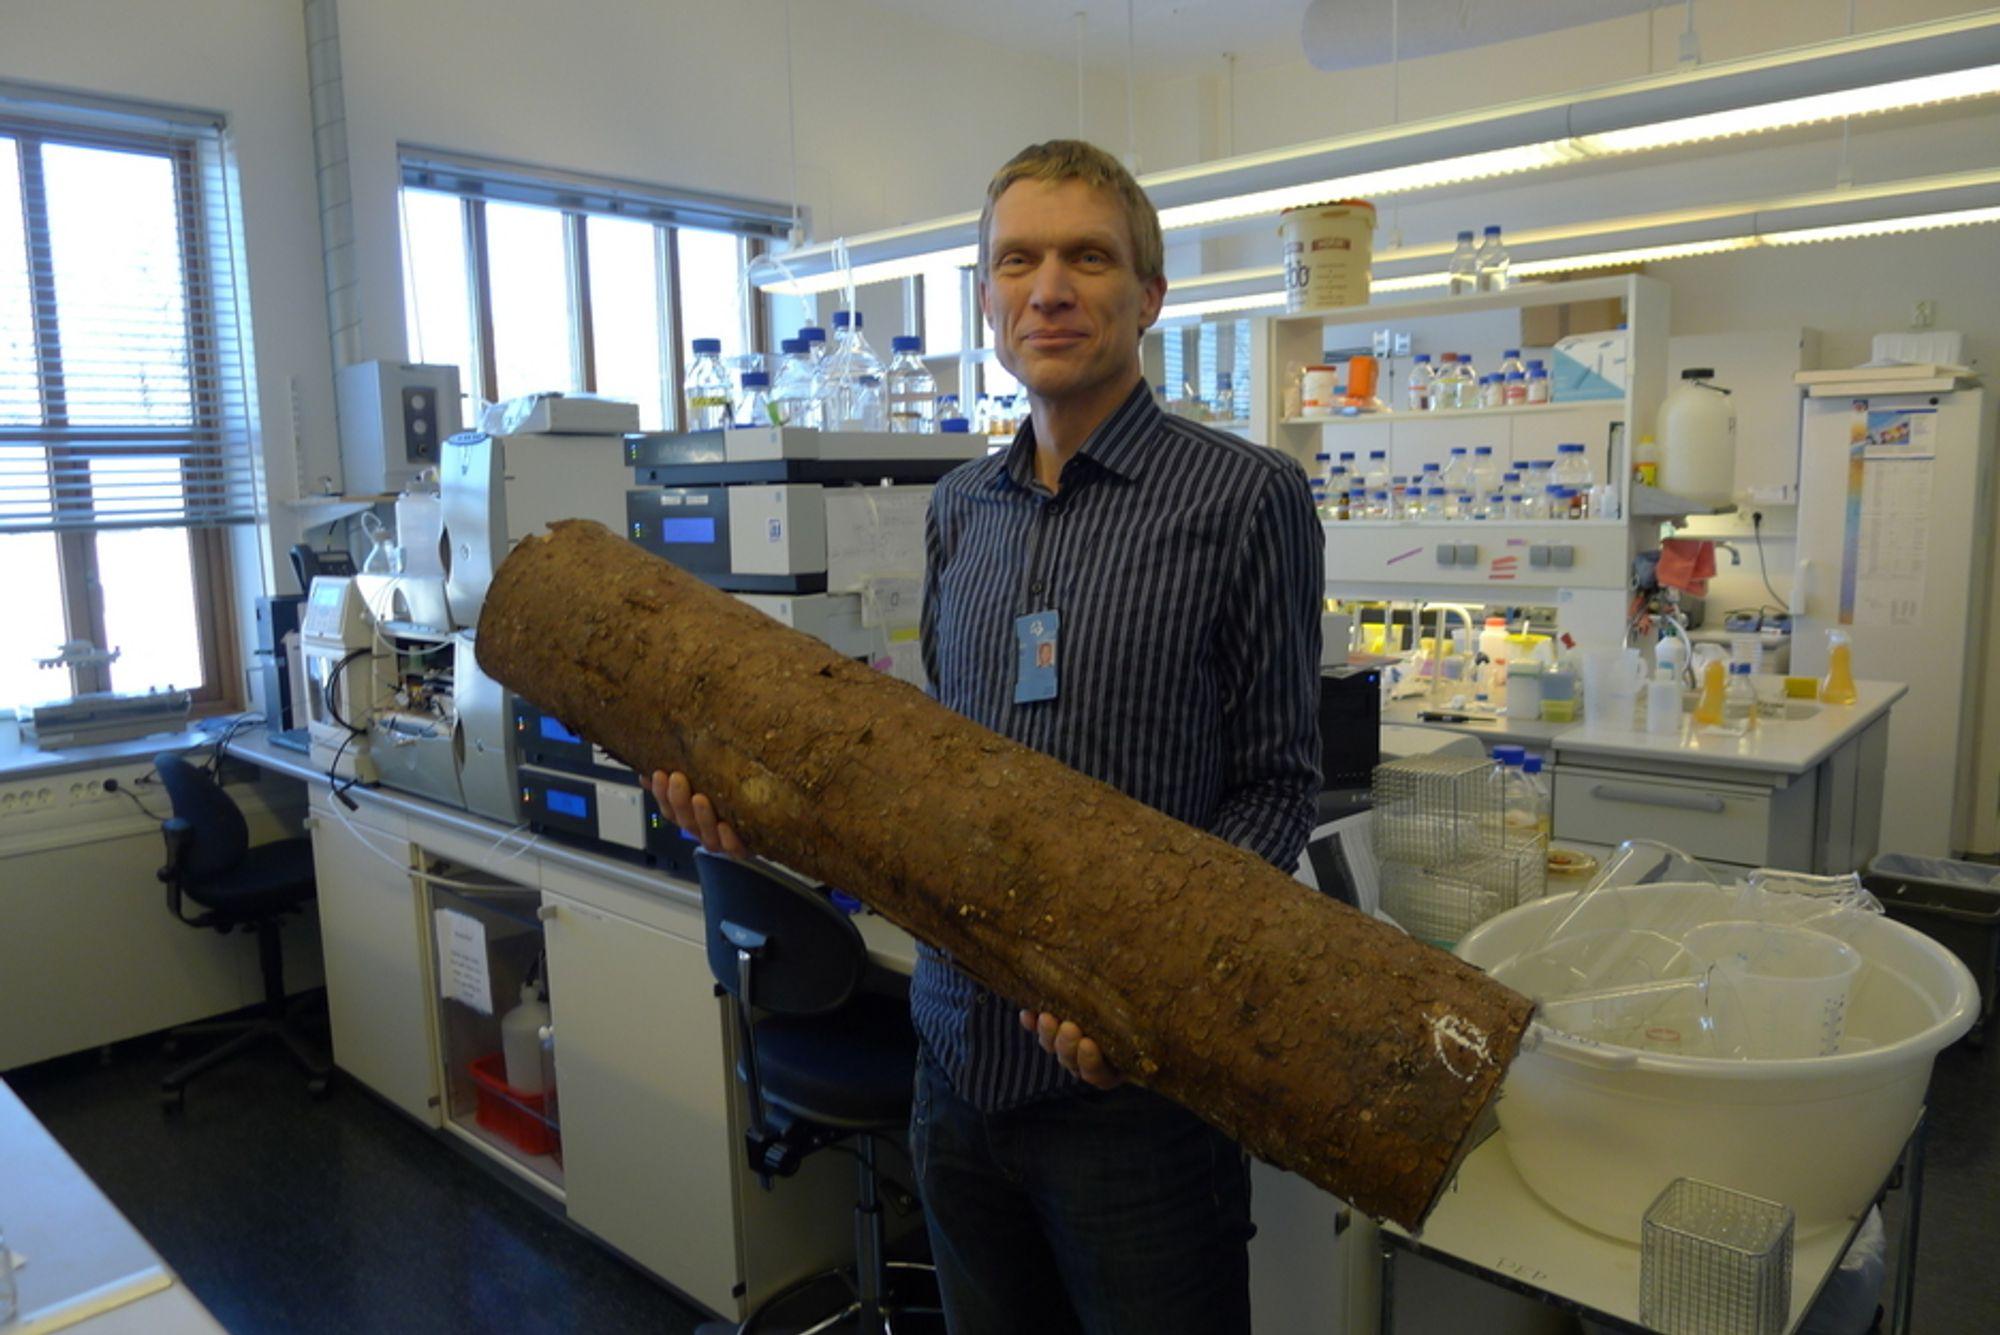 MER LØNNSOMT: UMBs enzymoppdagelse kan gjøre produksjon av bioetanol langt mer lønnsomt, mener professor Vincent Eijsink, som leder forskningsteamet bak oppdagelsen.